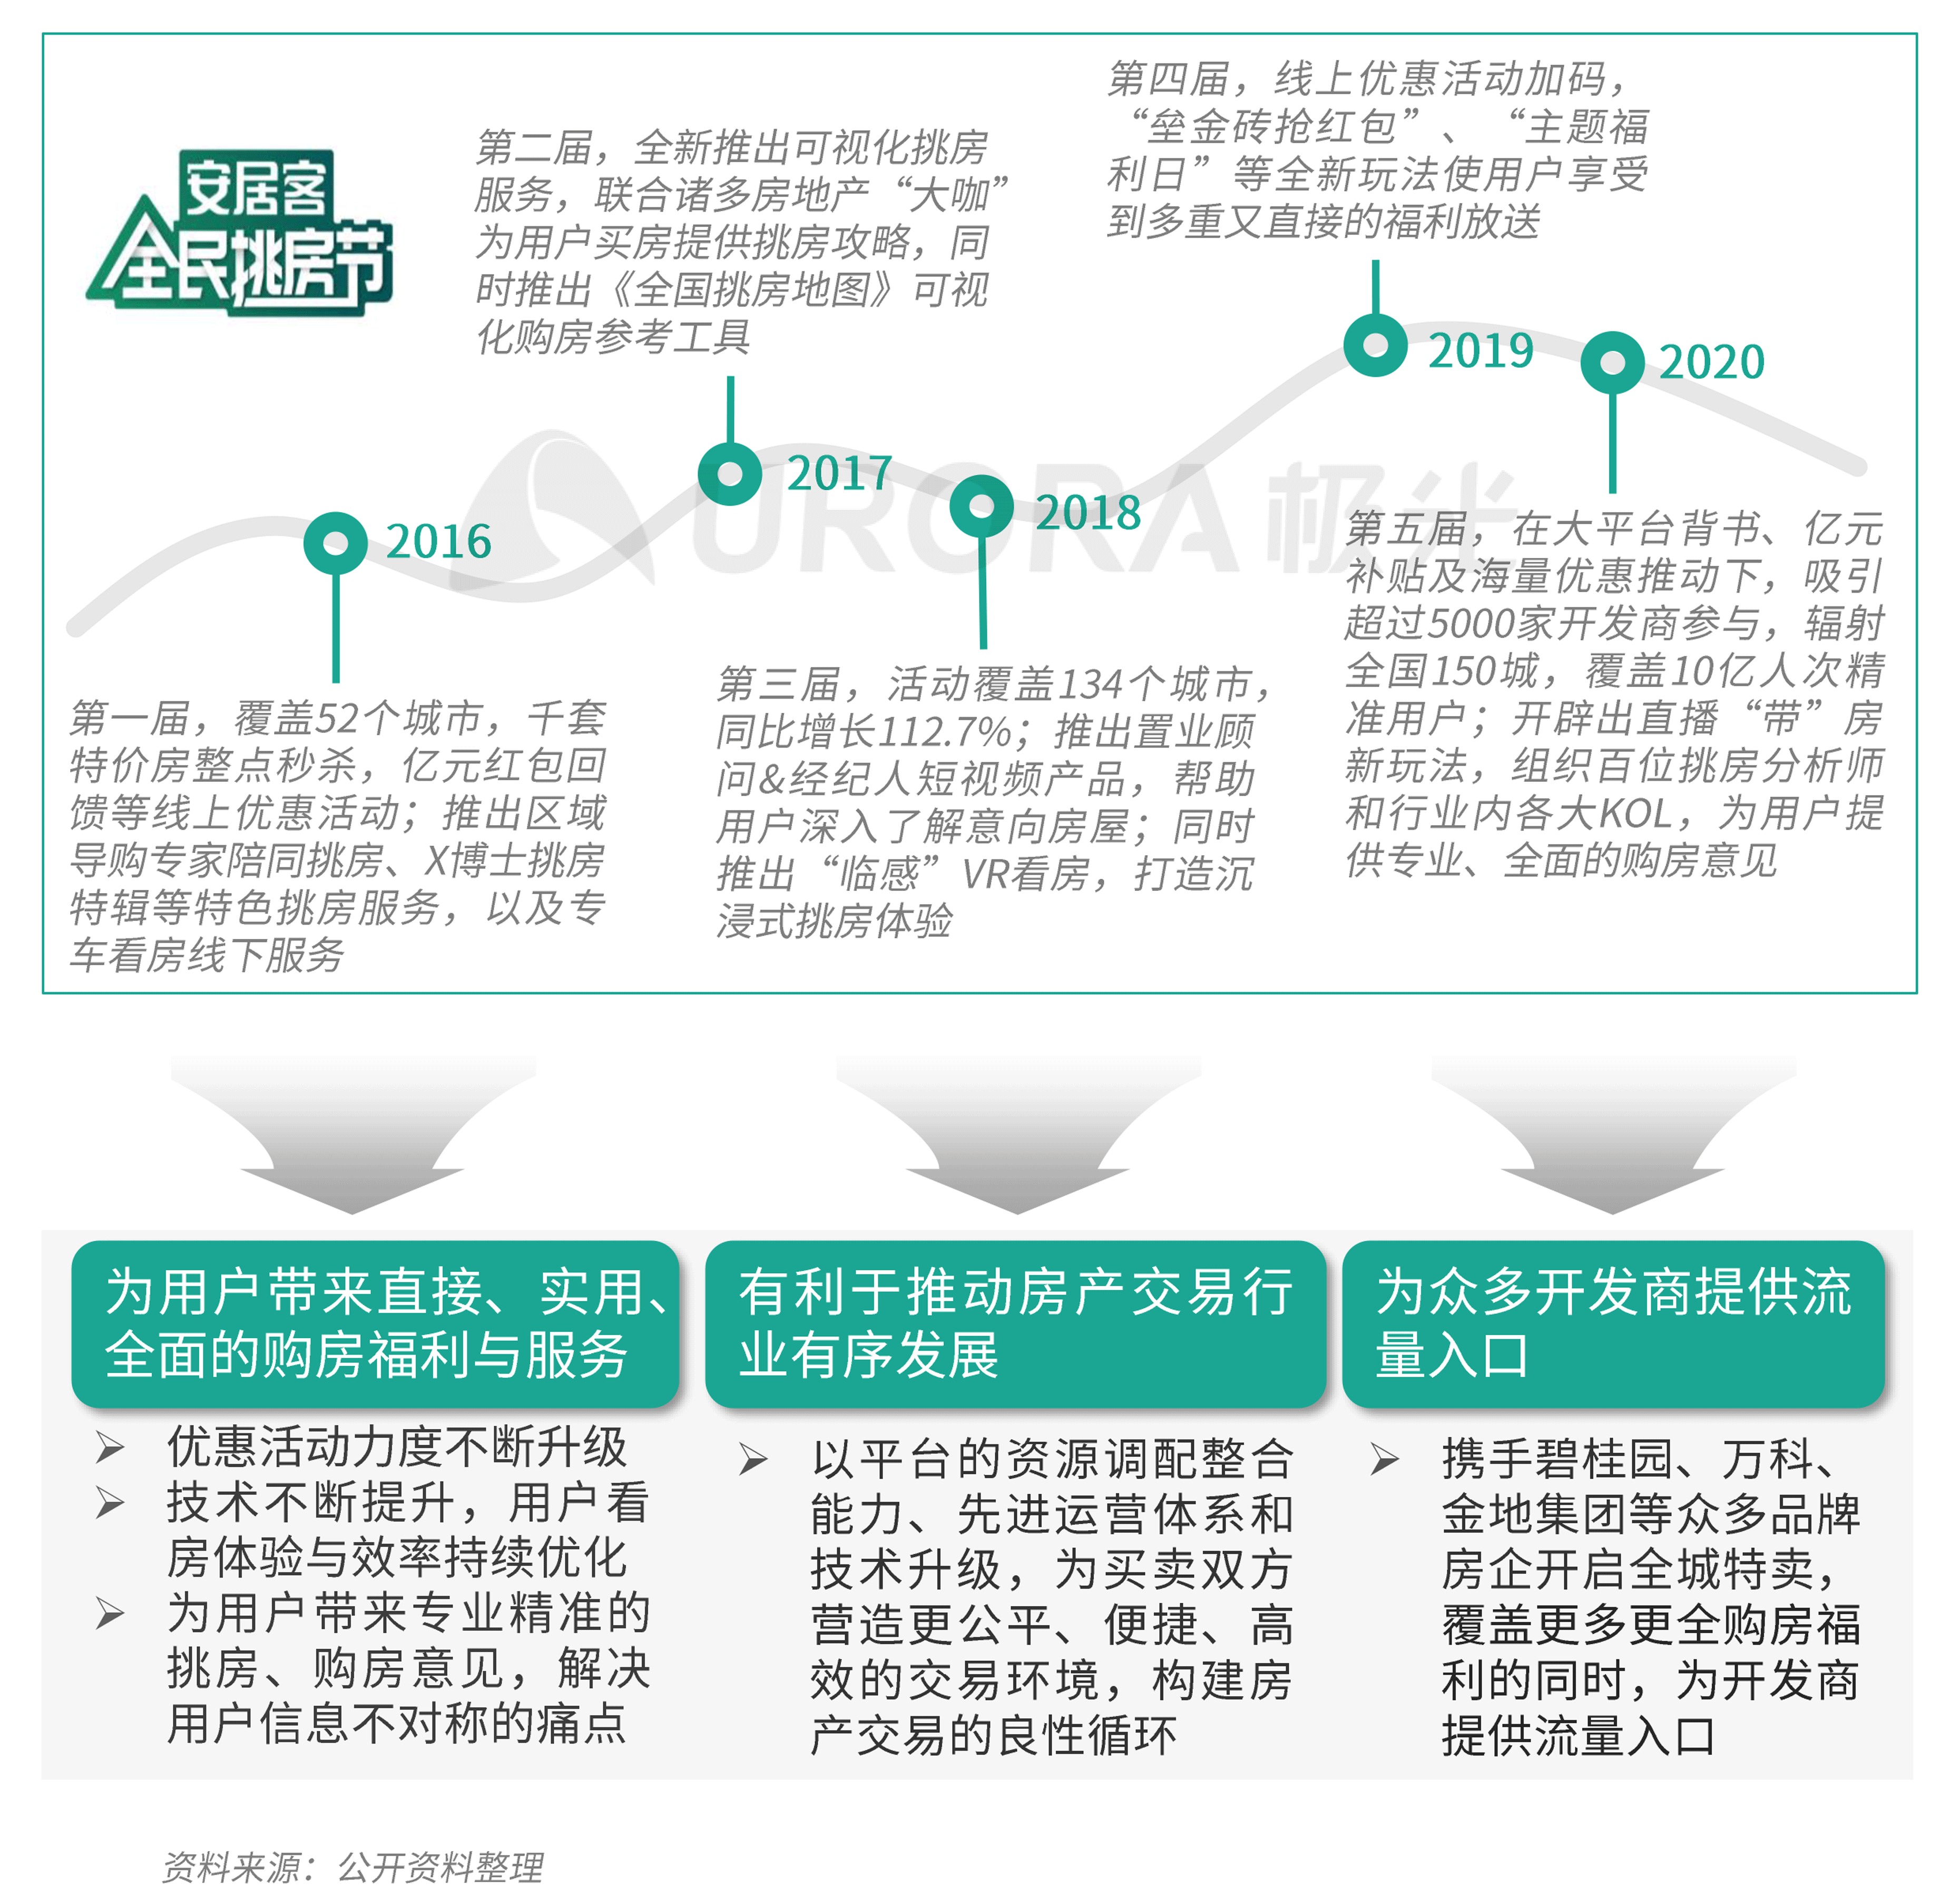 极光:数字经济新时代,房产平台新机遇 (17).png